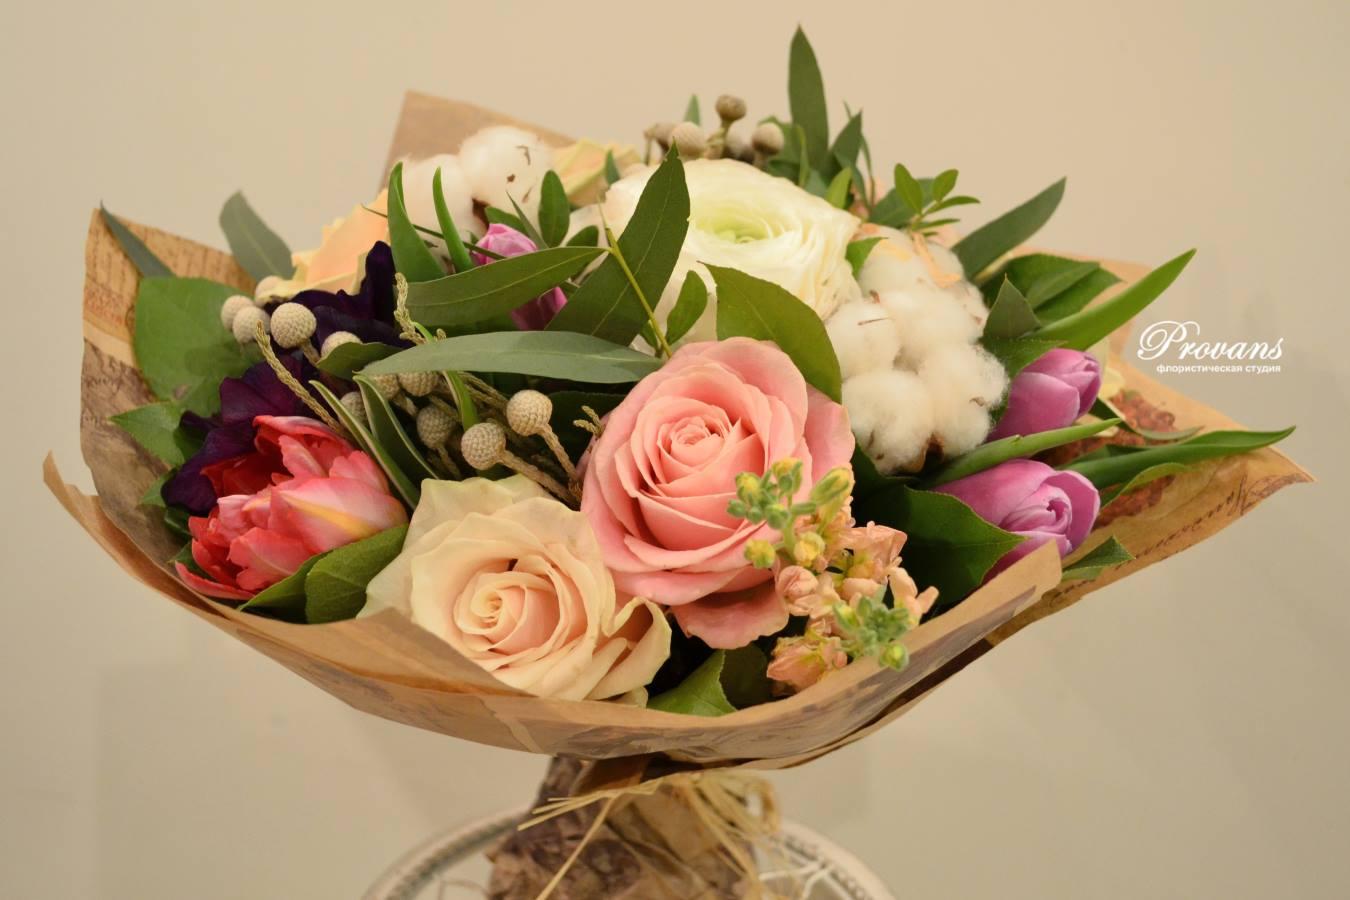 Женский букет на день рождения, лютики, тюльпаны, розы